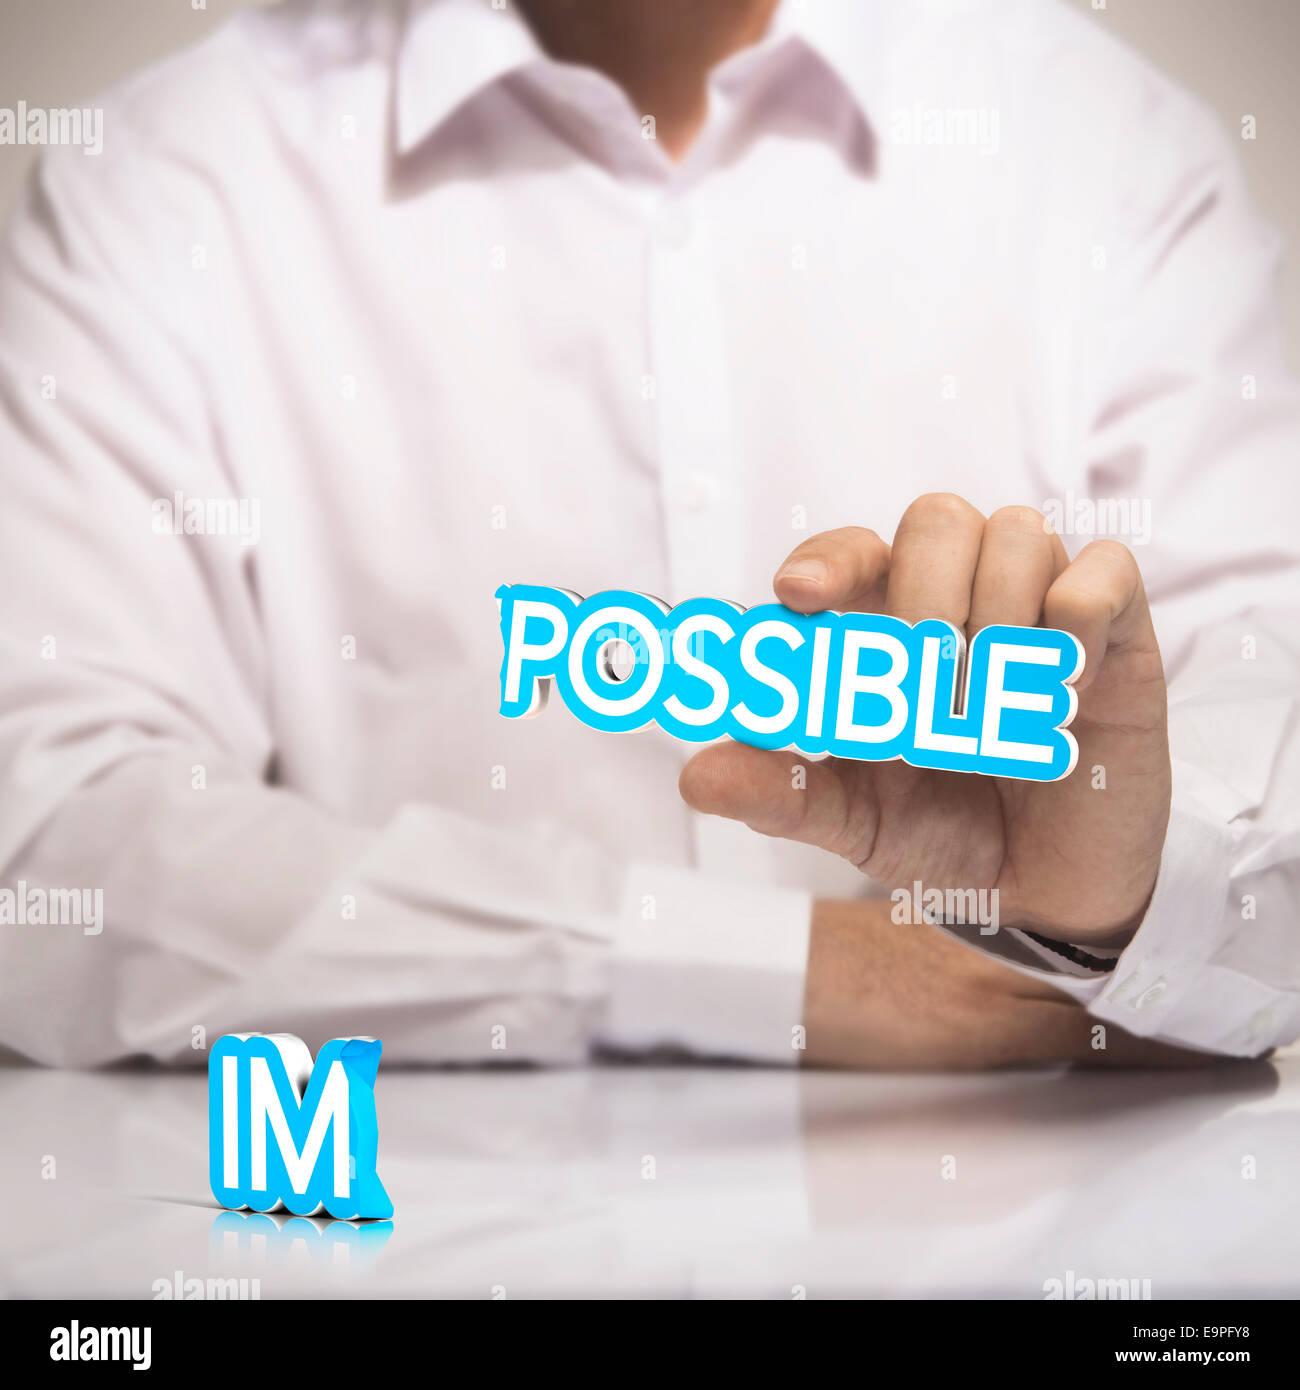 Possibile rispetto al concetto impossibile di motivazione. Un uomo con la parola possibile in una mano con il prefisso Immagini Stock